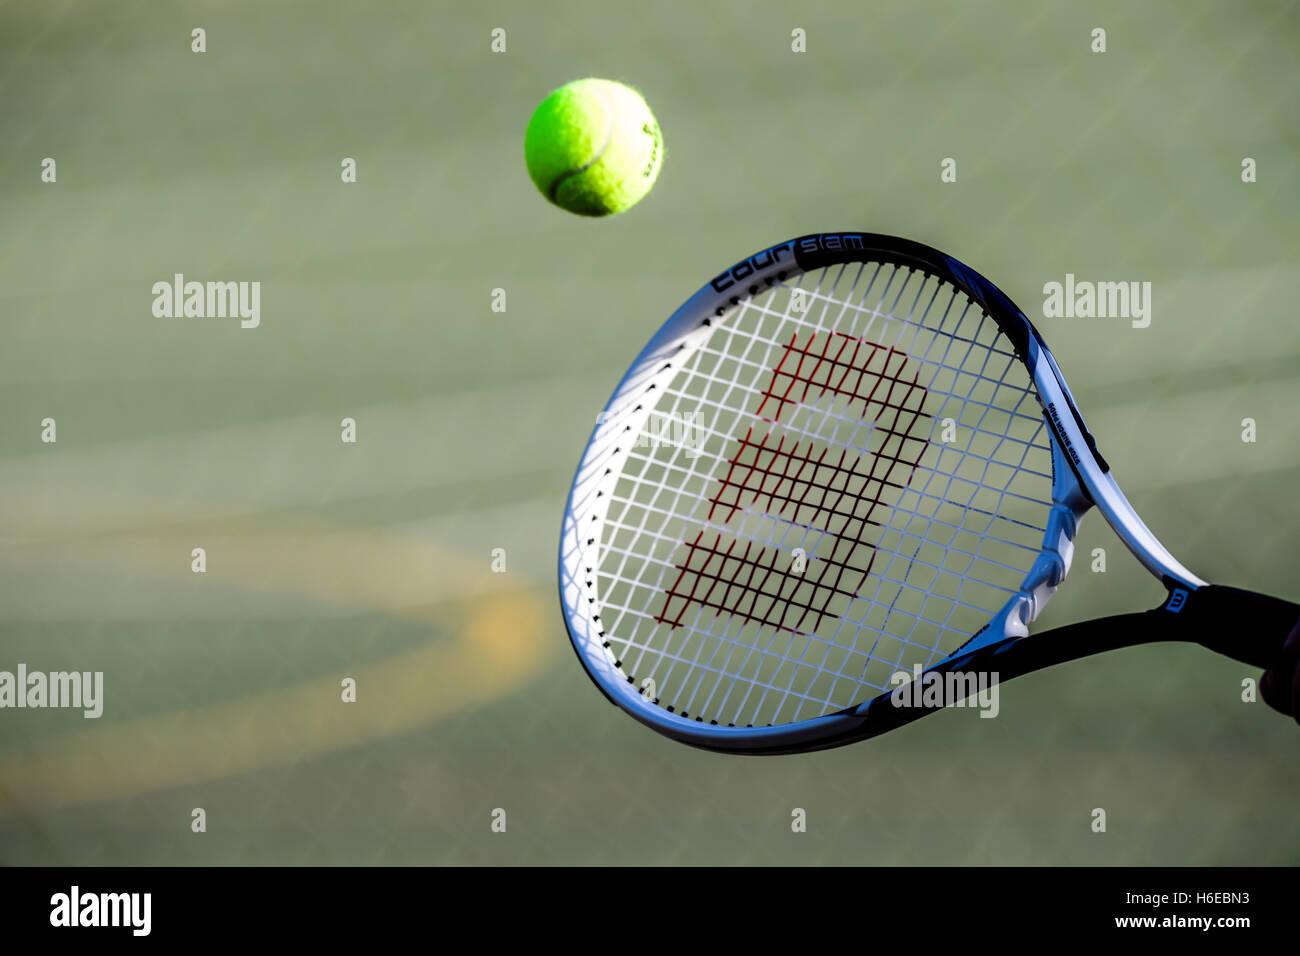 Tennisball schlagen einen Schläger Stockbild